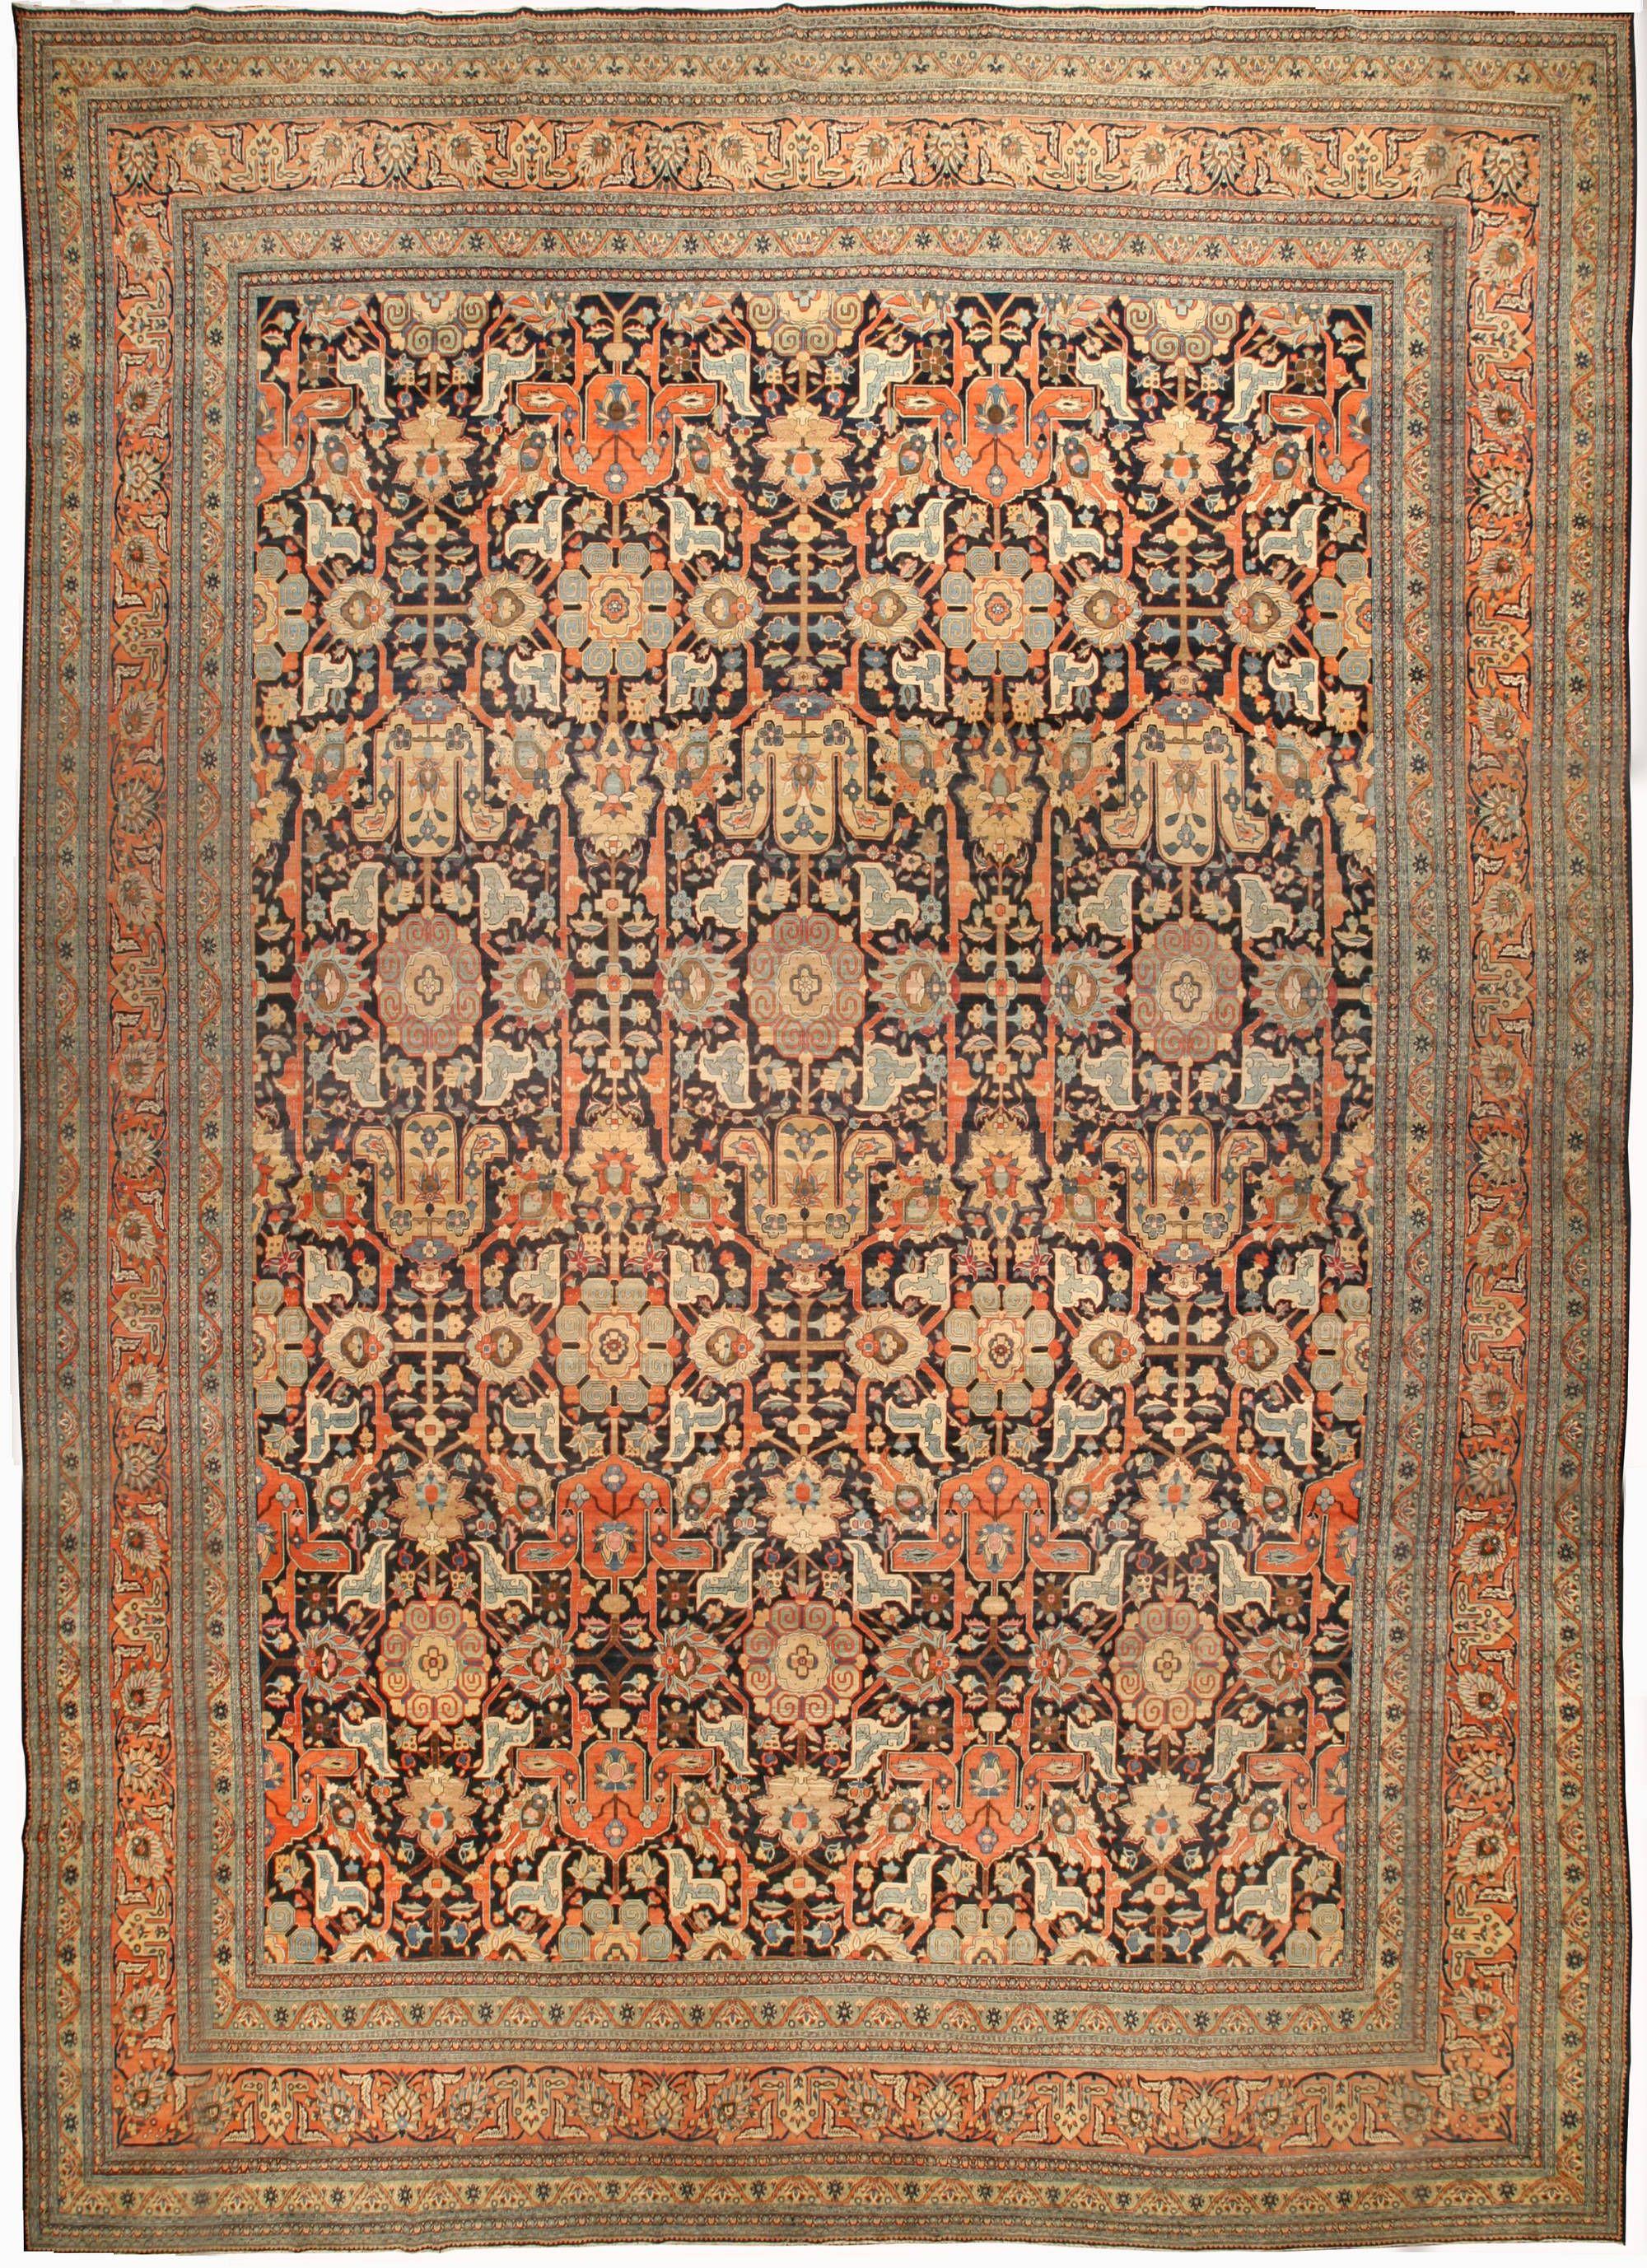 Large Antique Persian Tabriz Rug Antique Persian Rug Tabriz Rug Persian Tabriz Rug